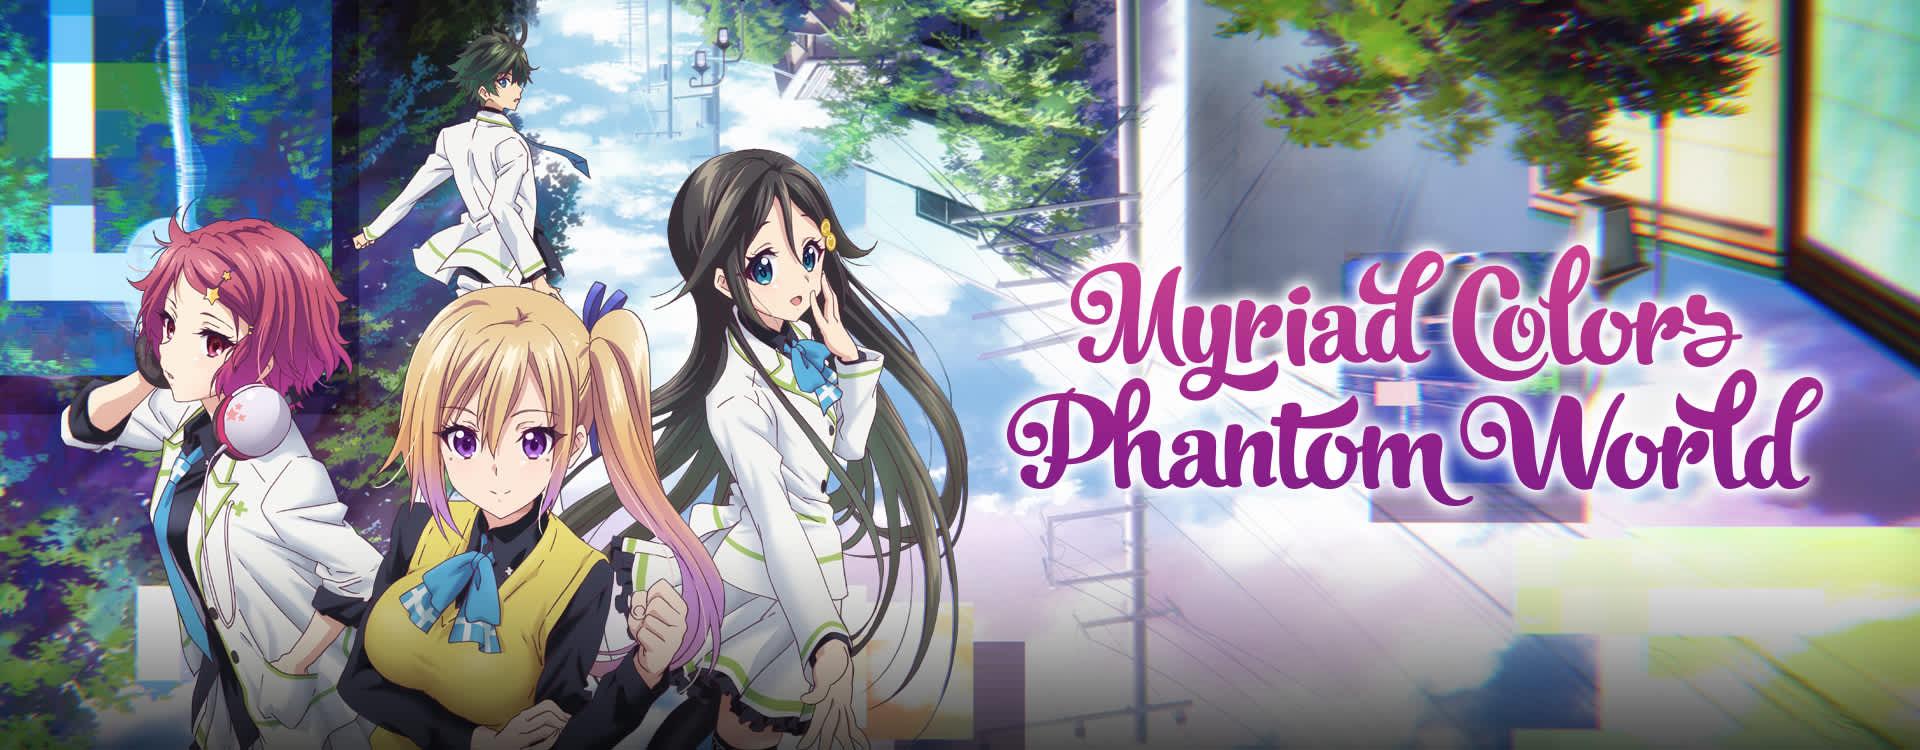 colors world phantom myriad Anime